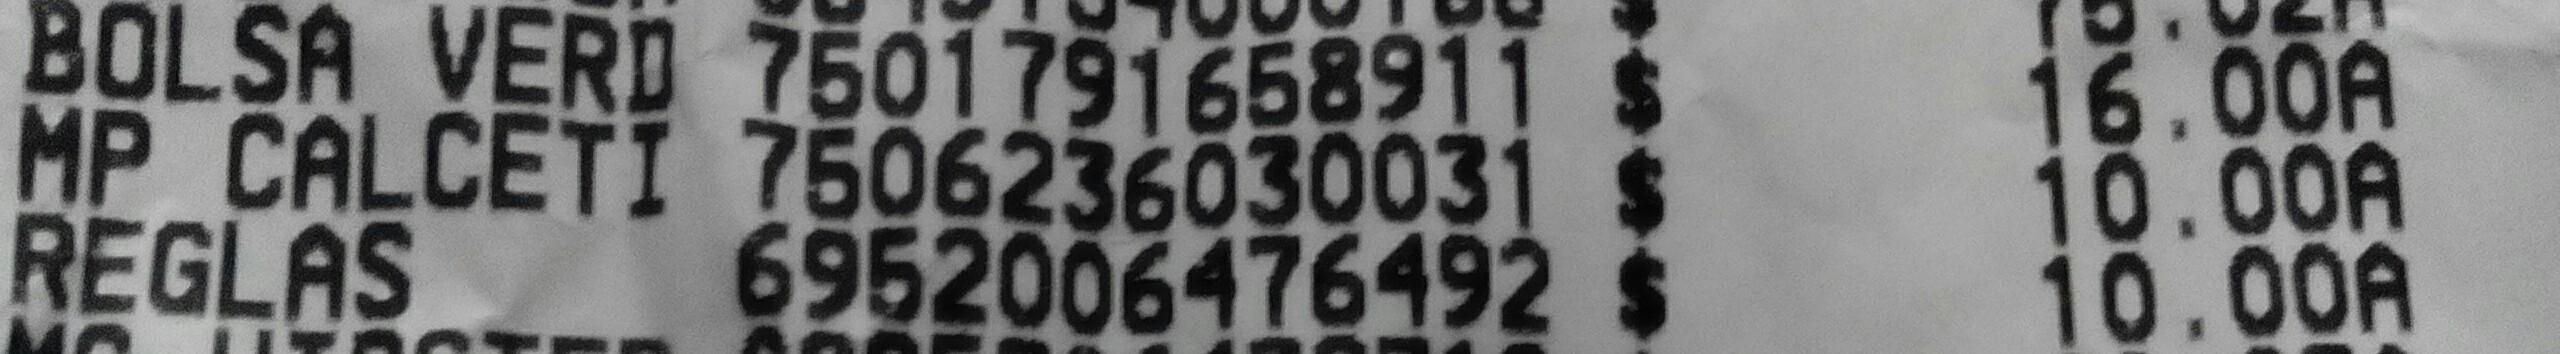 59360.jpg